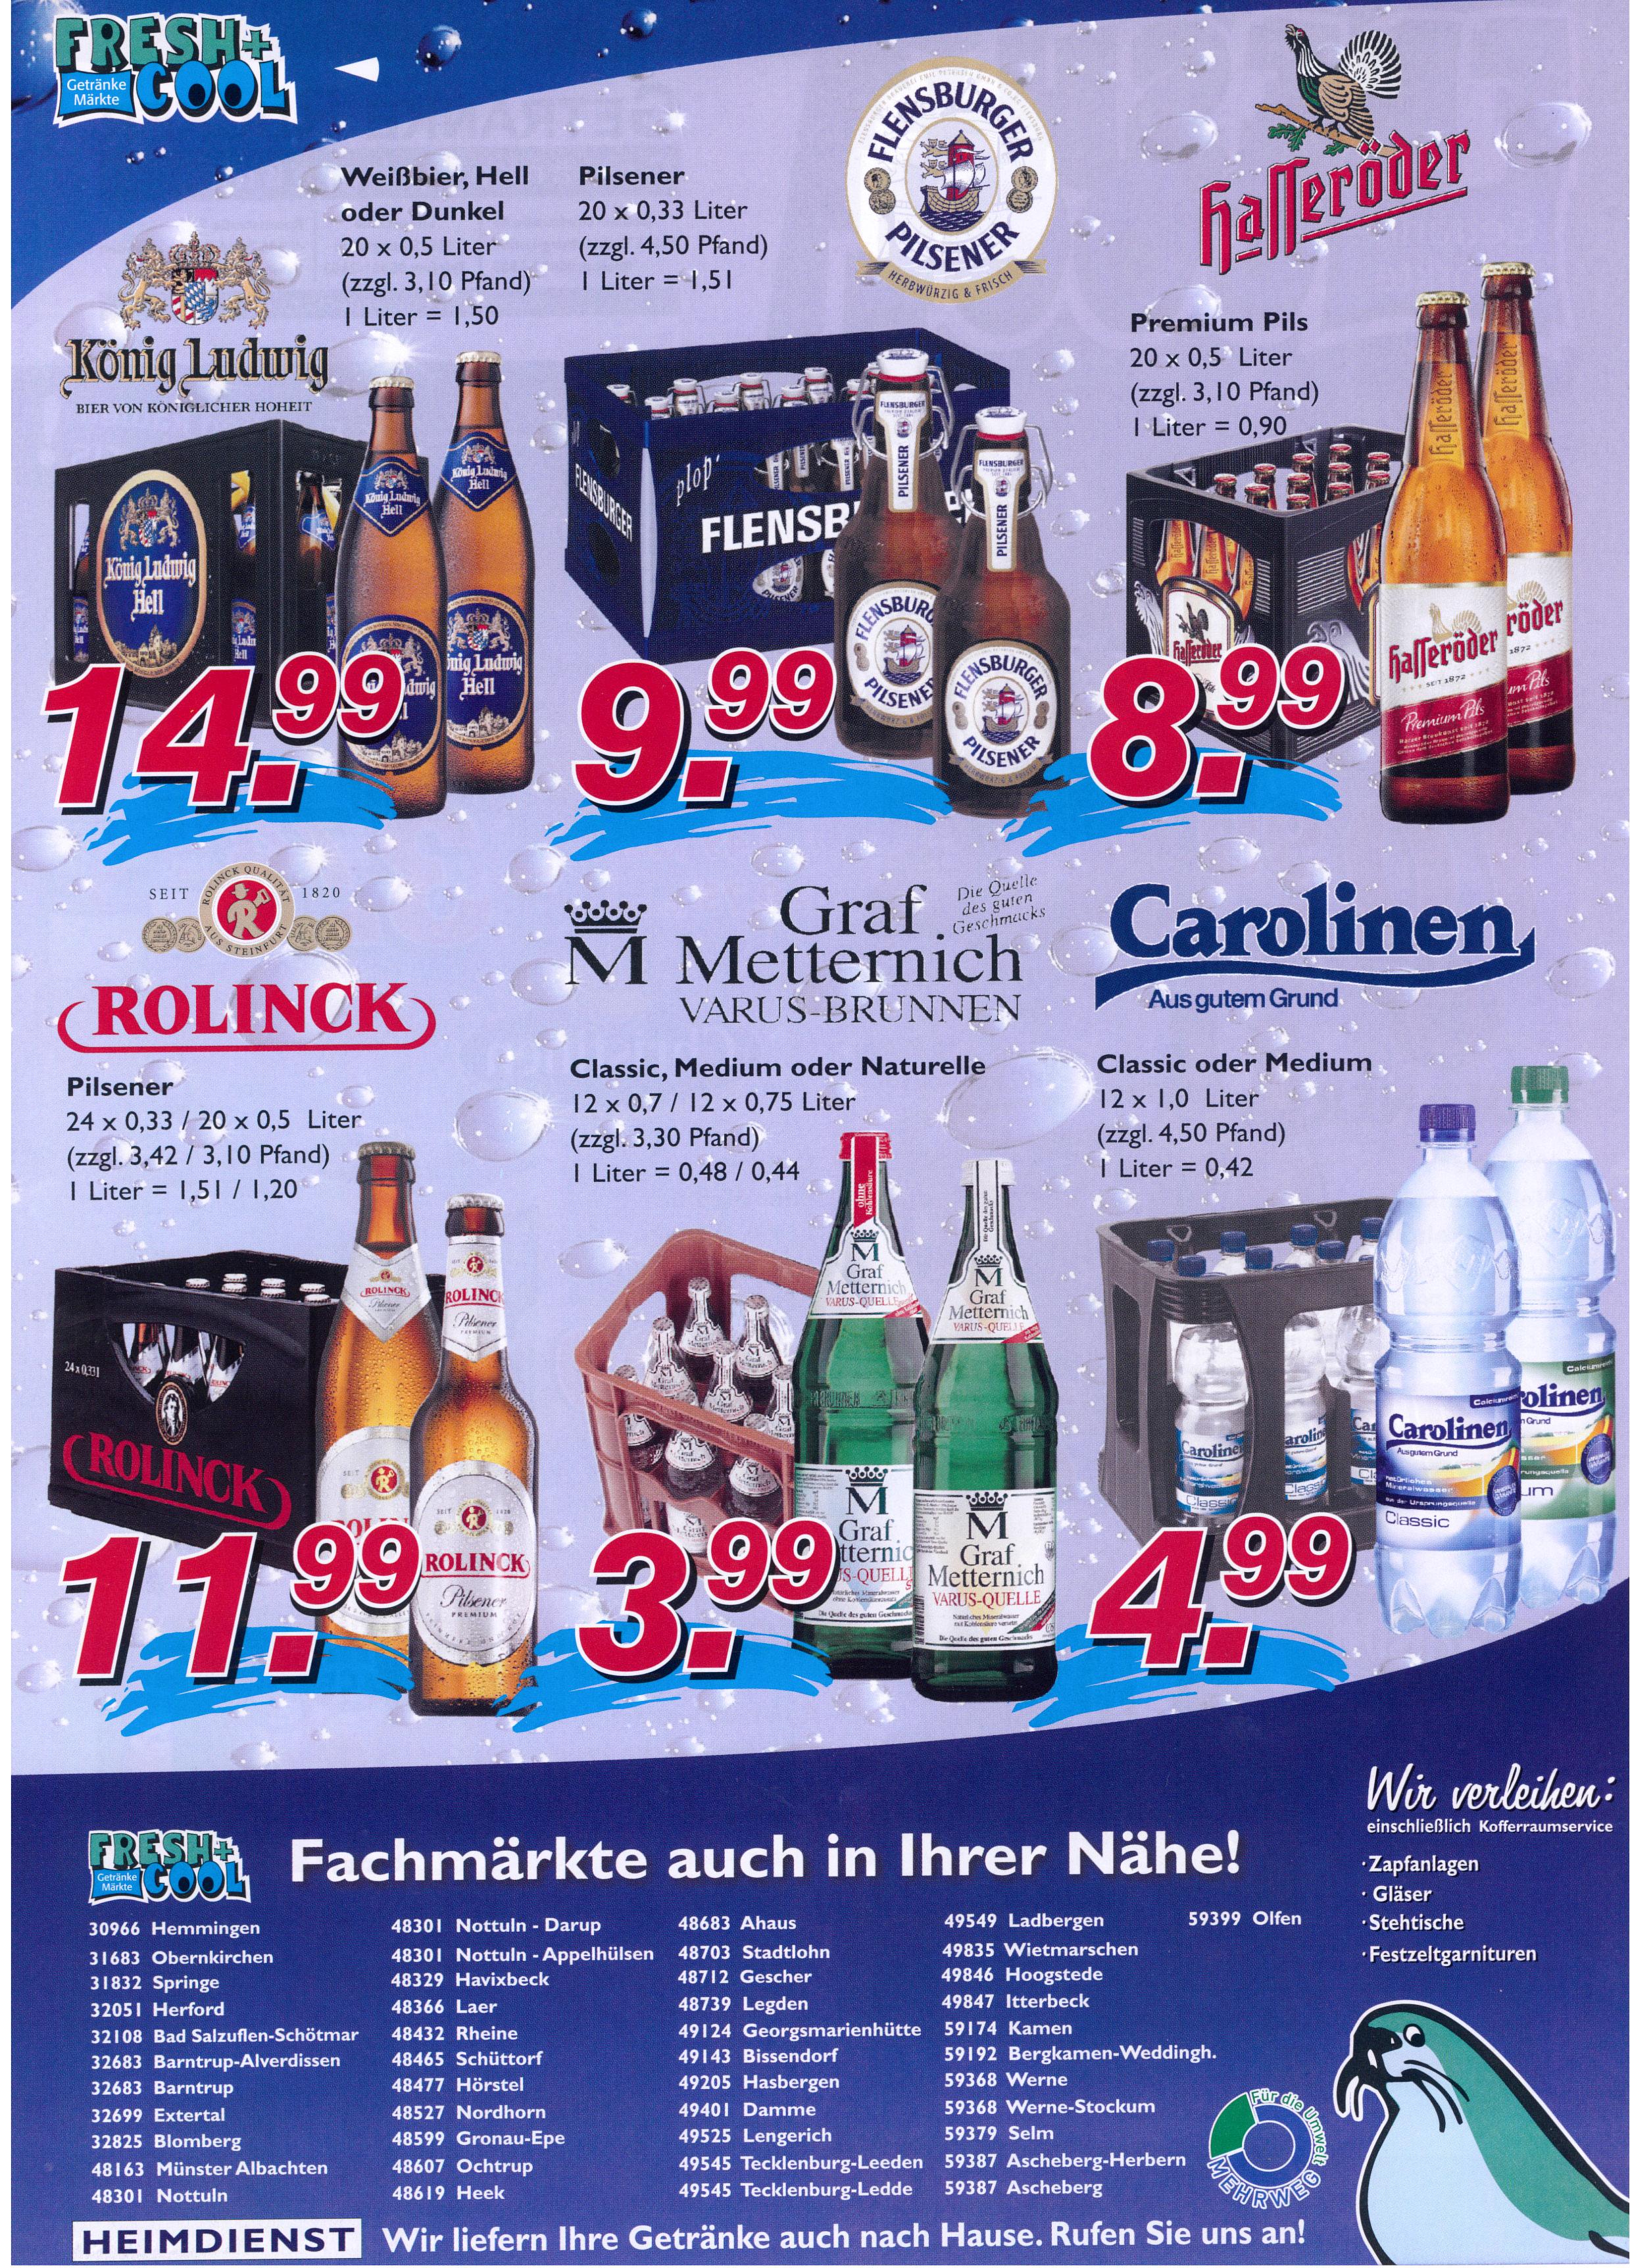 Angebote vom 02.-08.02.2012 Seite 2 | Getränke Rücker